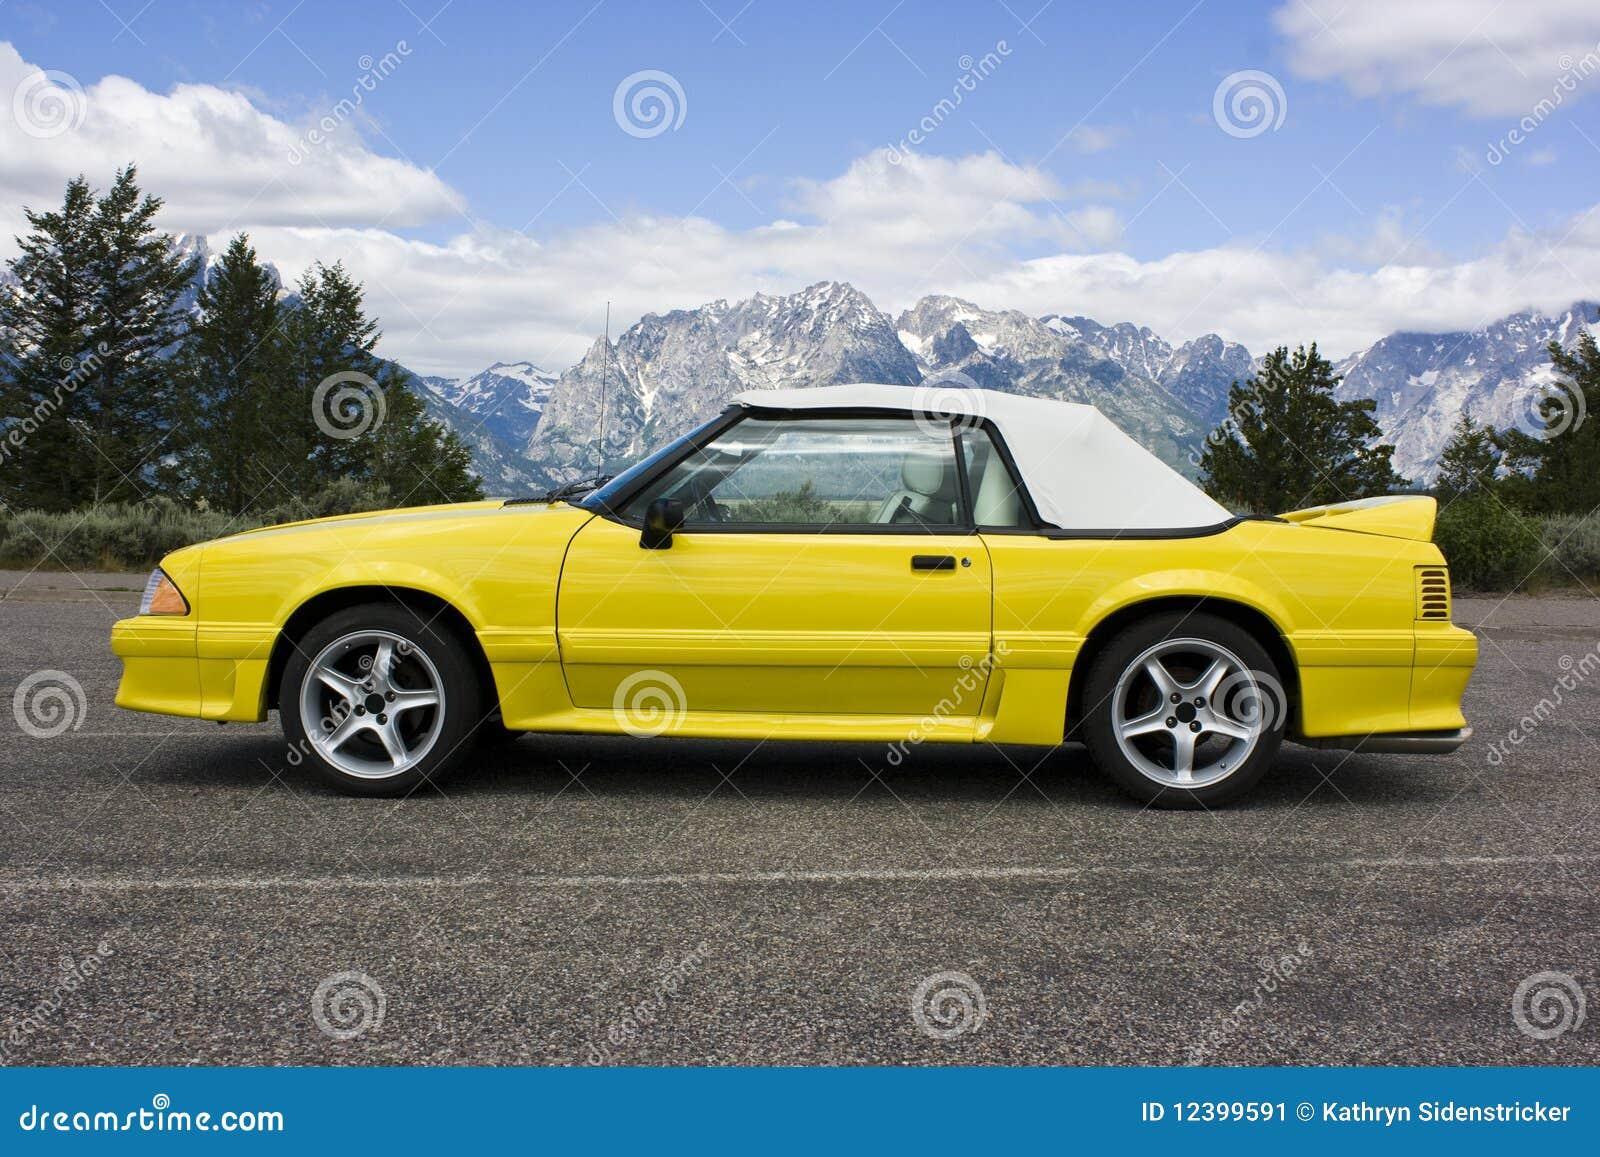 1991辆敞篷车Ford Mustang黄色